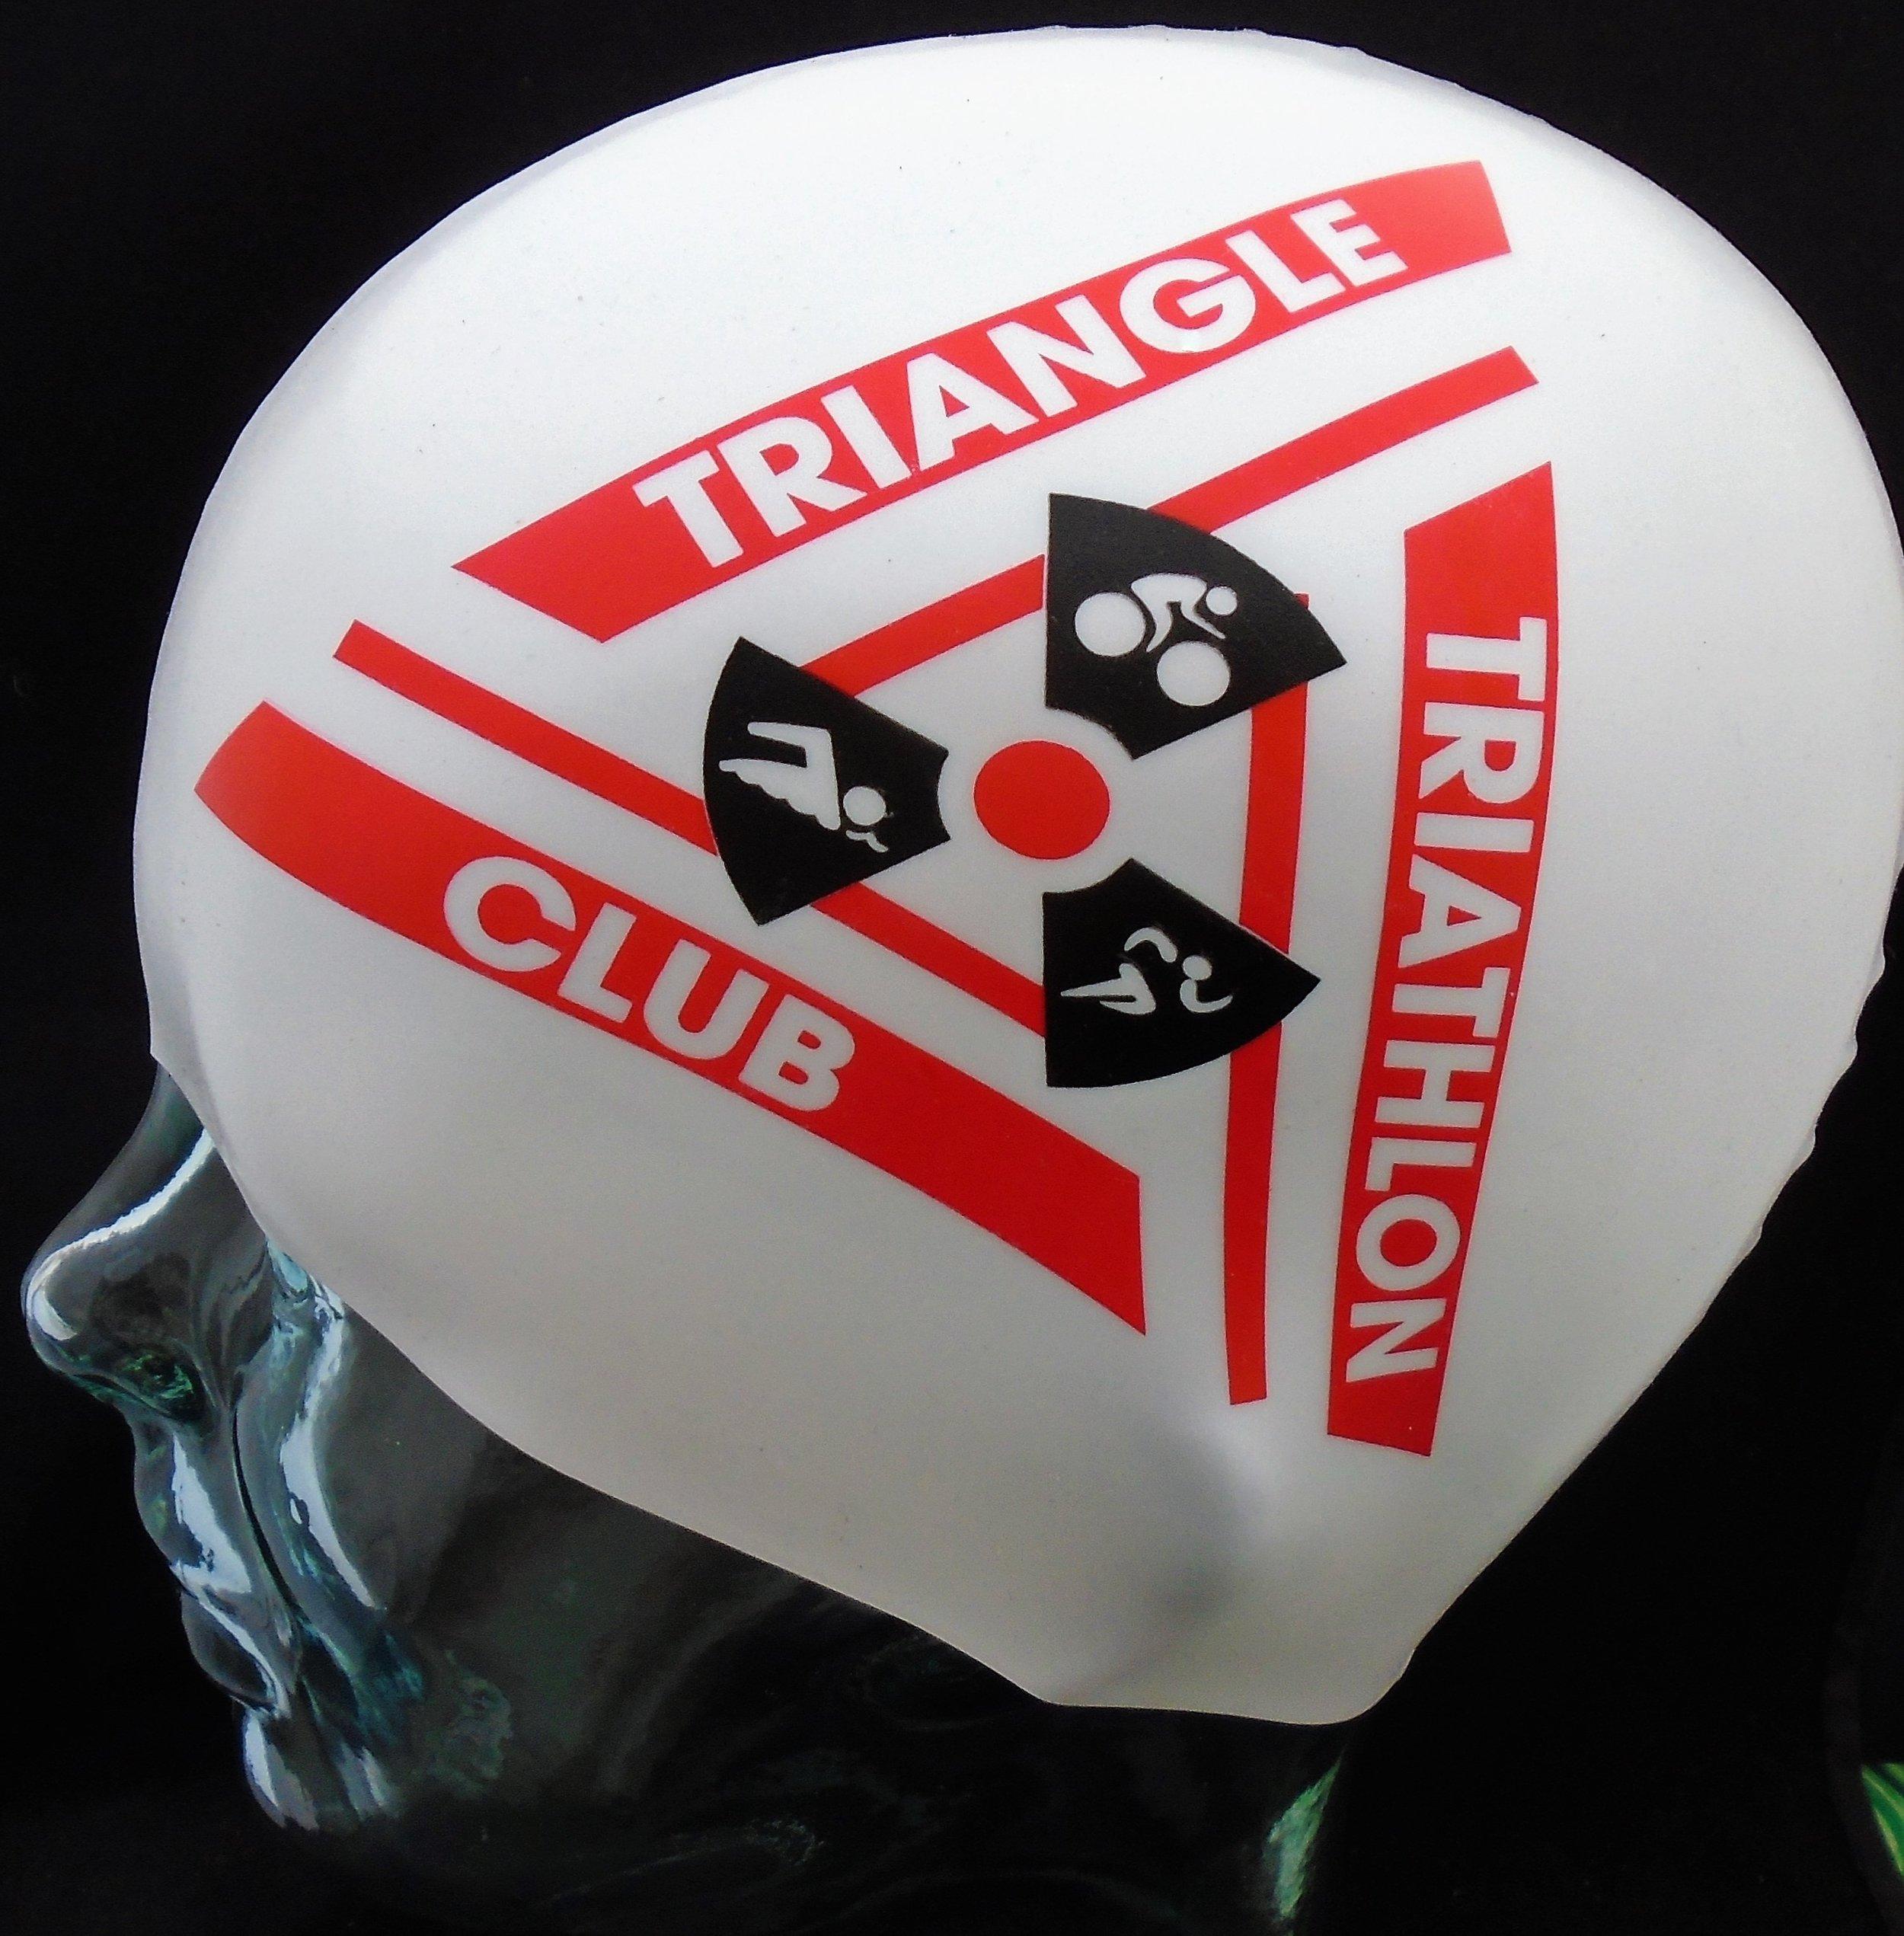 Triangle Tri Club side 1.jpg